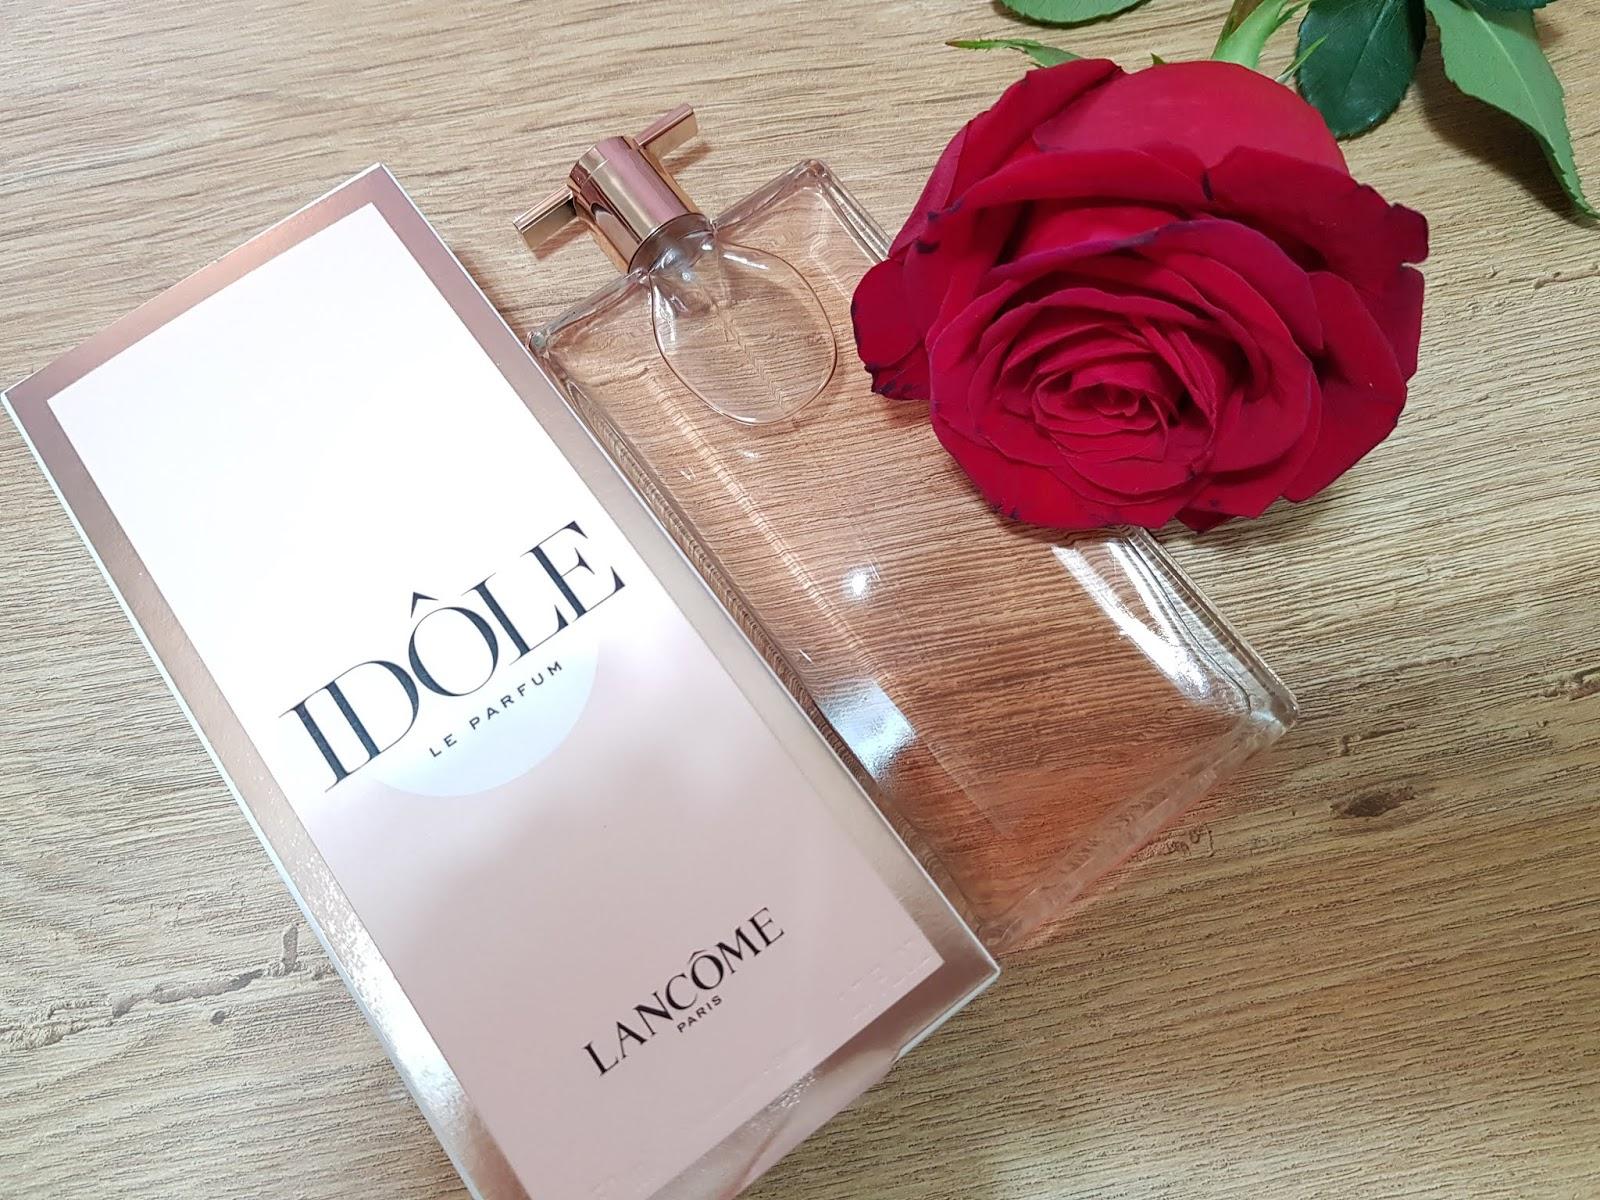 Lancome-Idole-3-Notino.ro